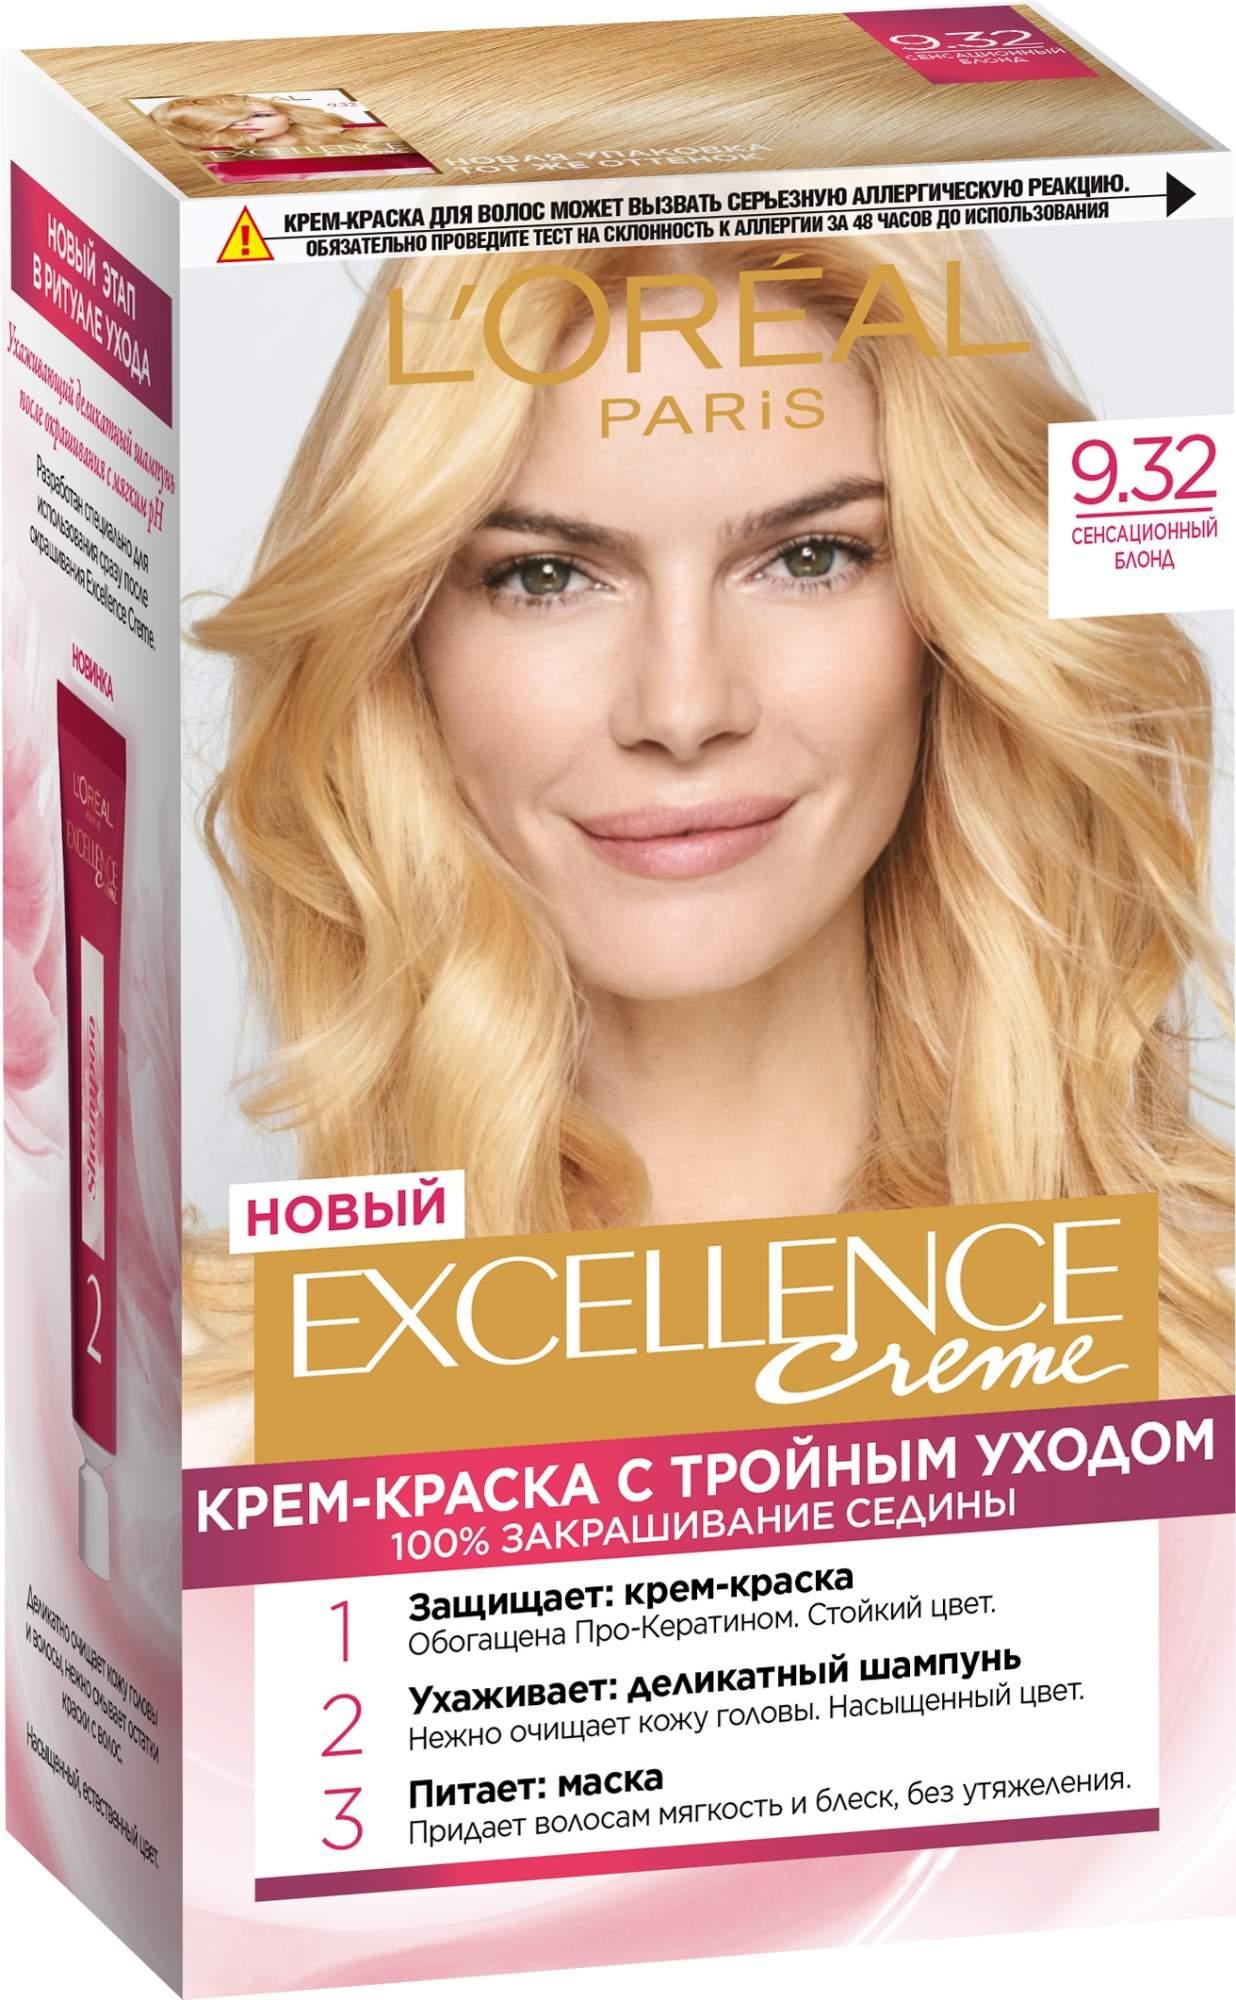 """Миниатюра Крем-краска для волос L'Oreal Excellence стойкая тон 9.32, """"Сенсационный блонд"""" №1"""